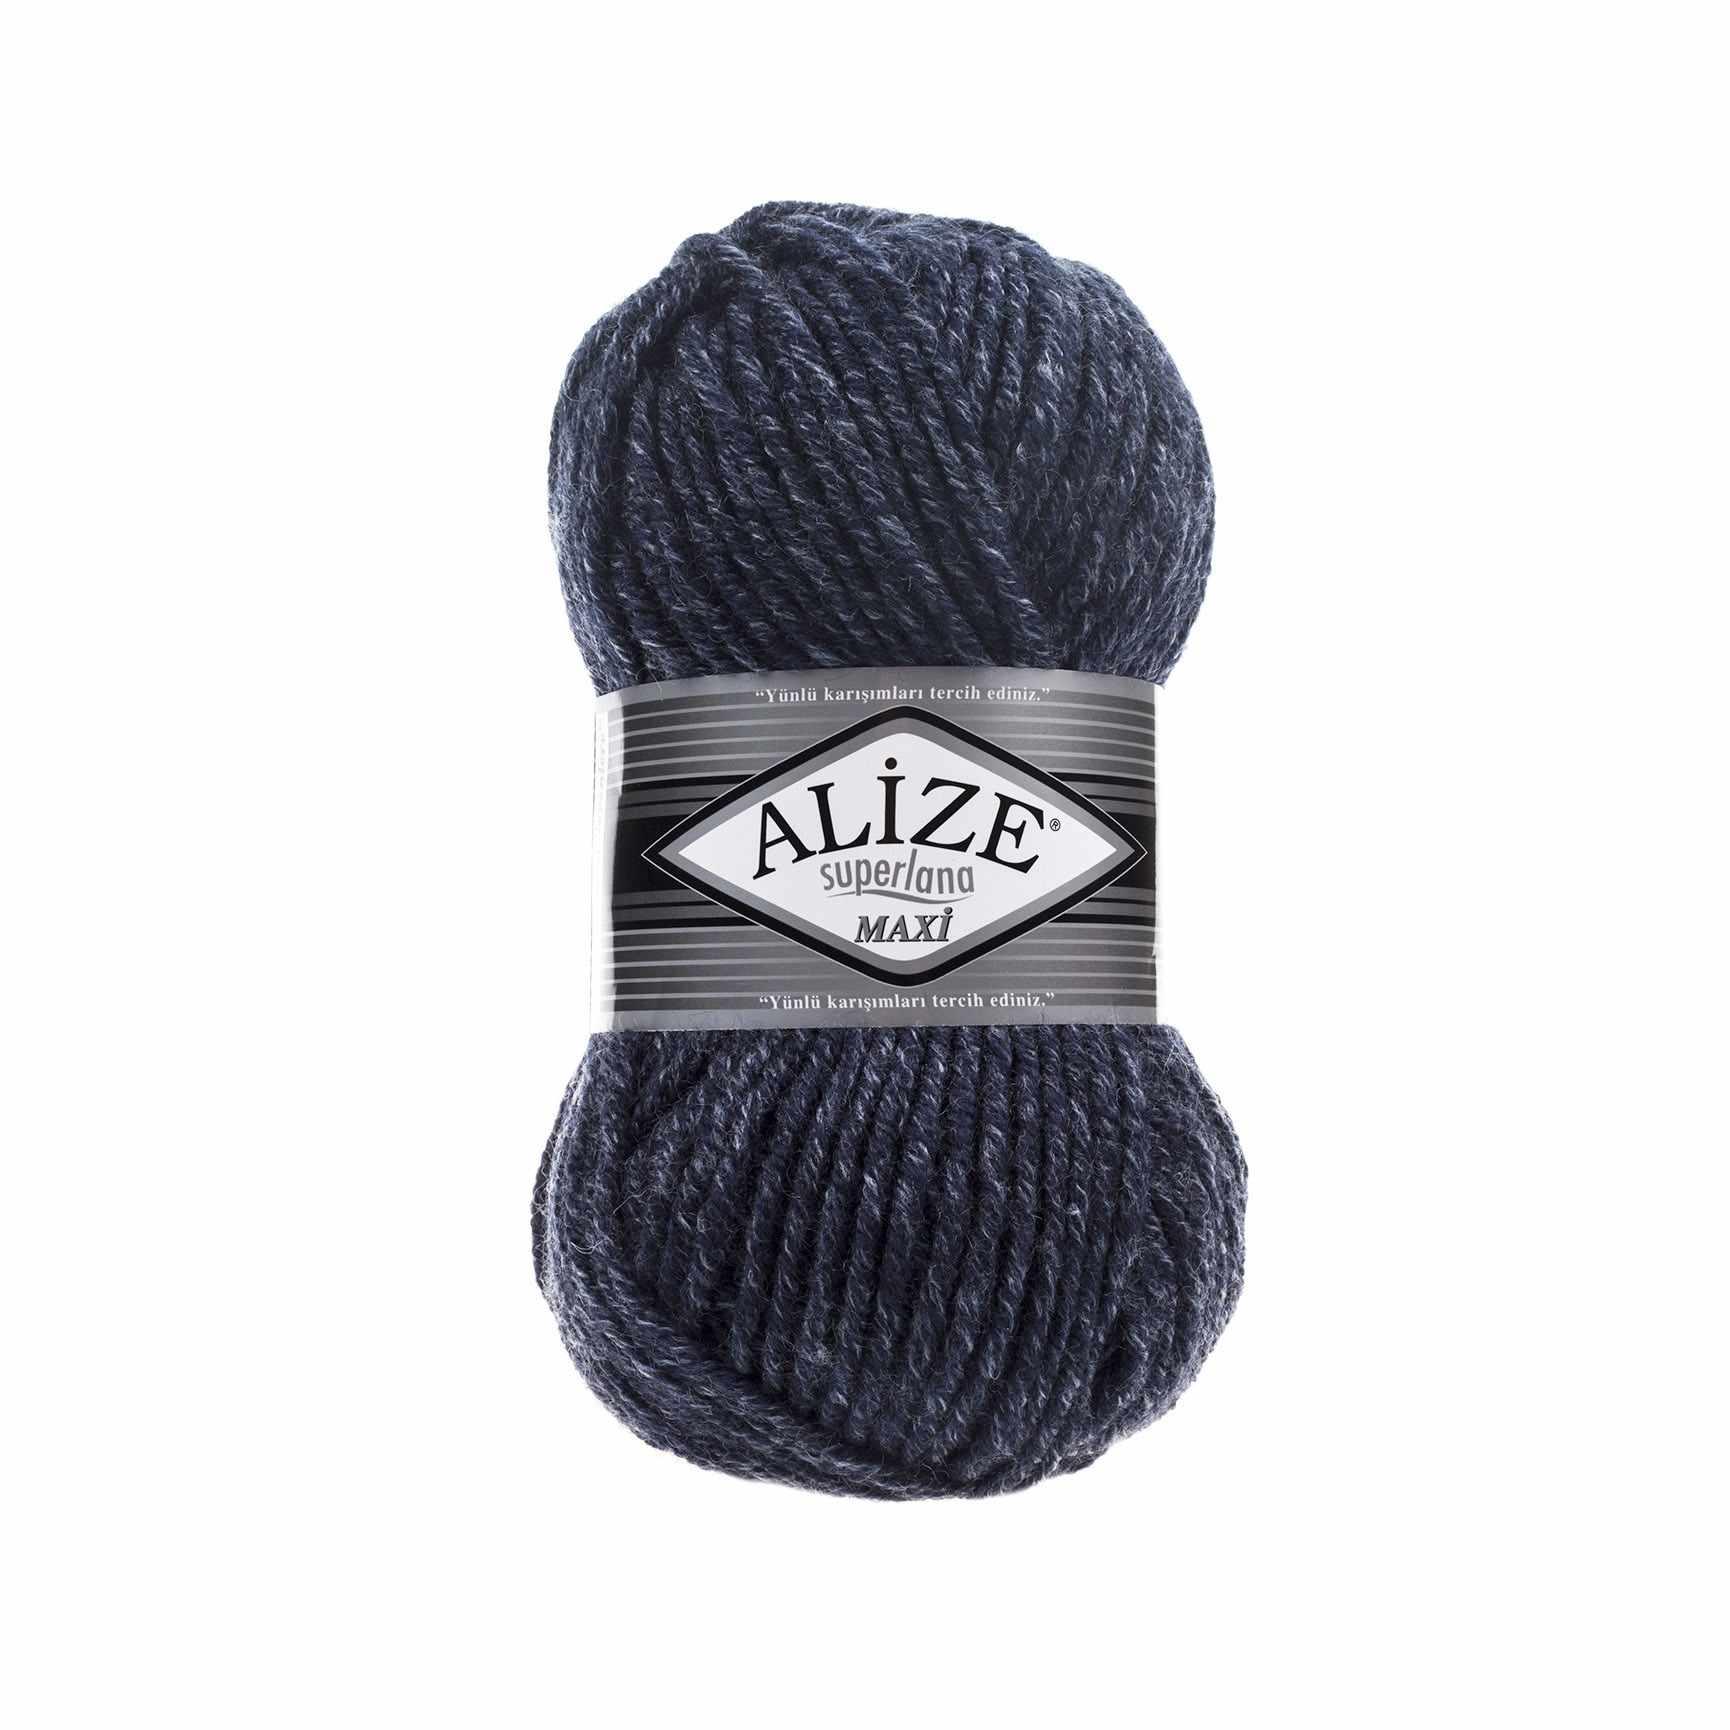 Пряжа Alize Superlana Maxi Цвет.805 Т.синий Меланж